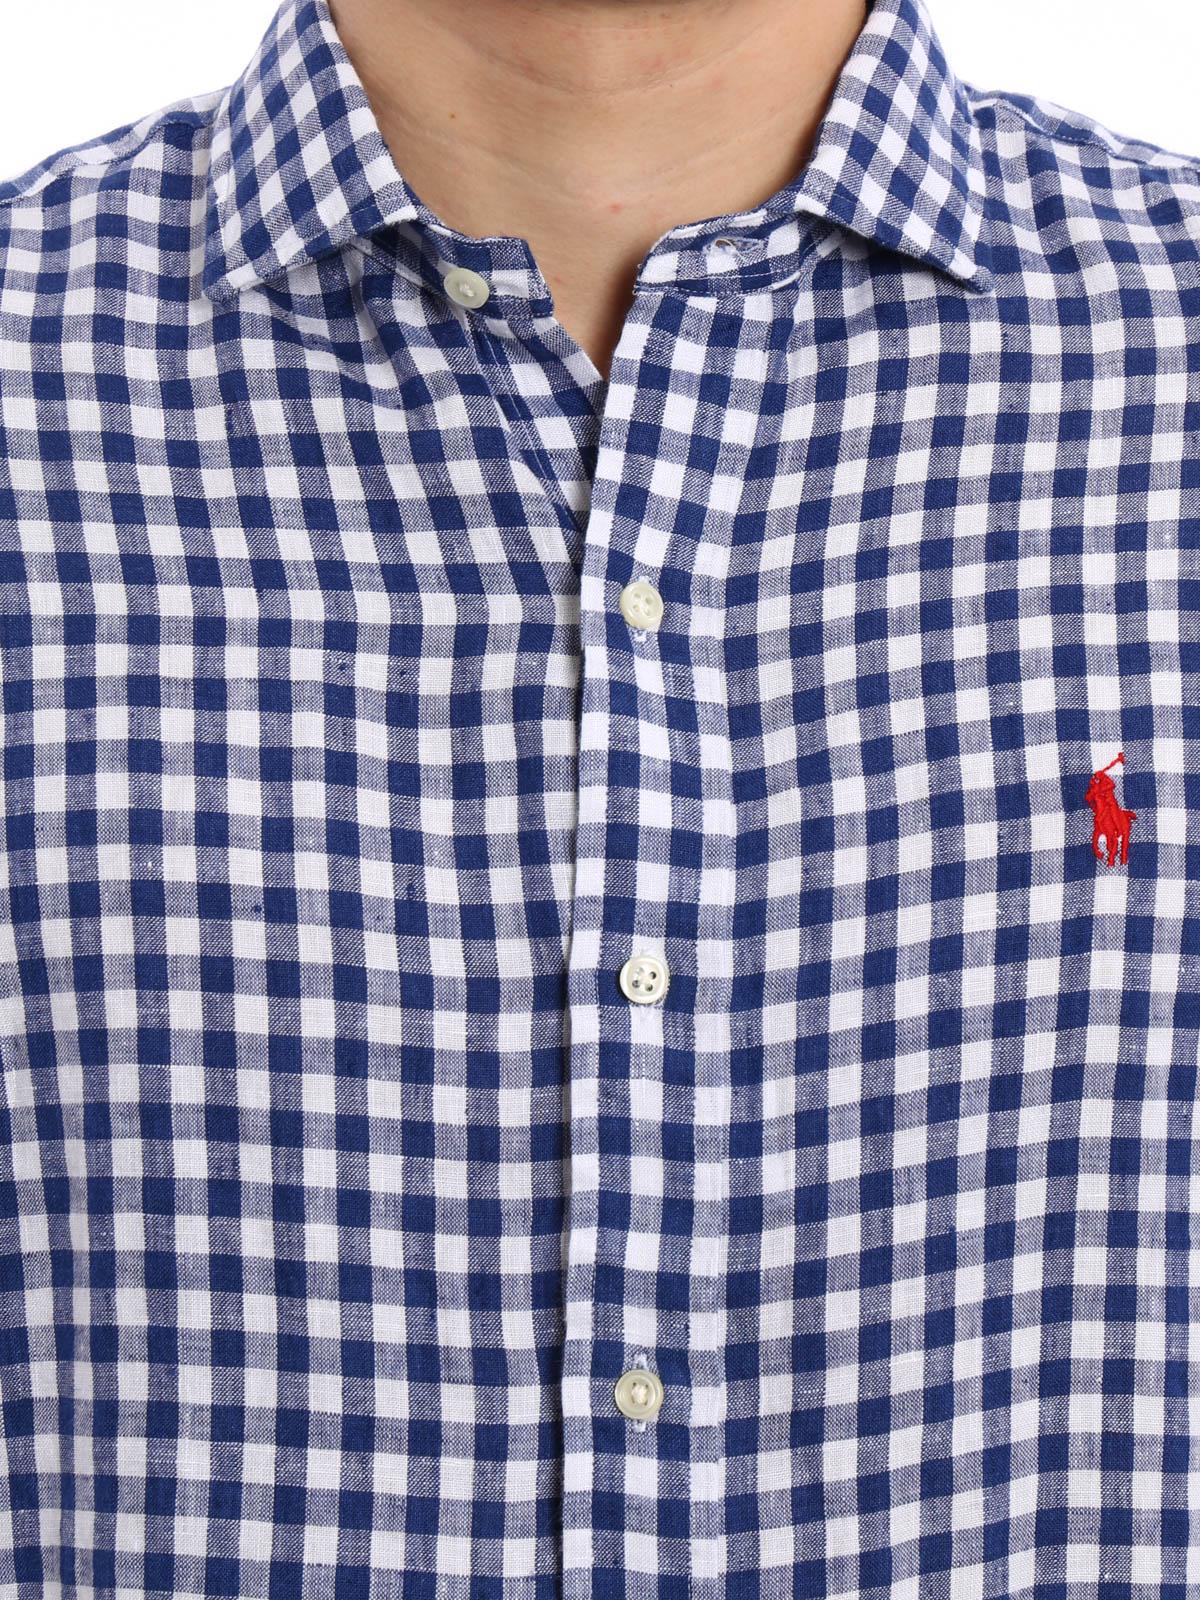 d9b9599eba Polo Ralph Lauren - Camicia di lino a quadretti - camicie - A04 ...